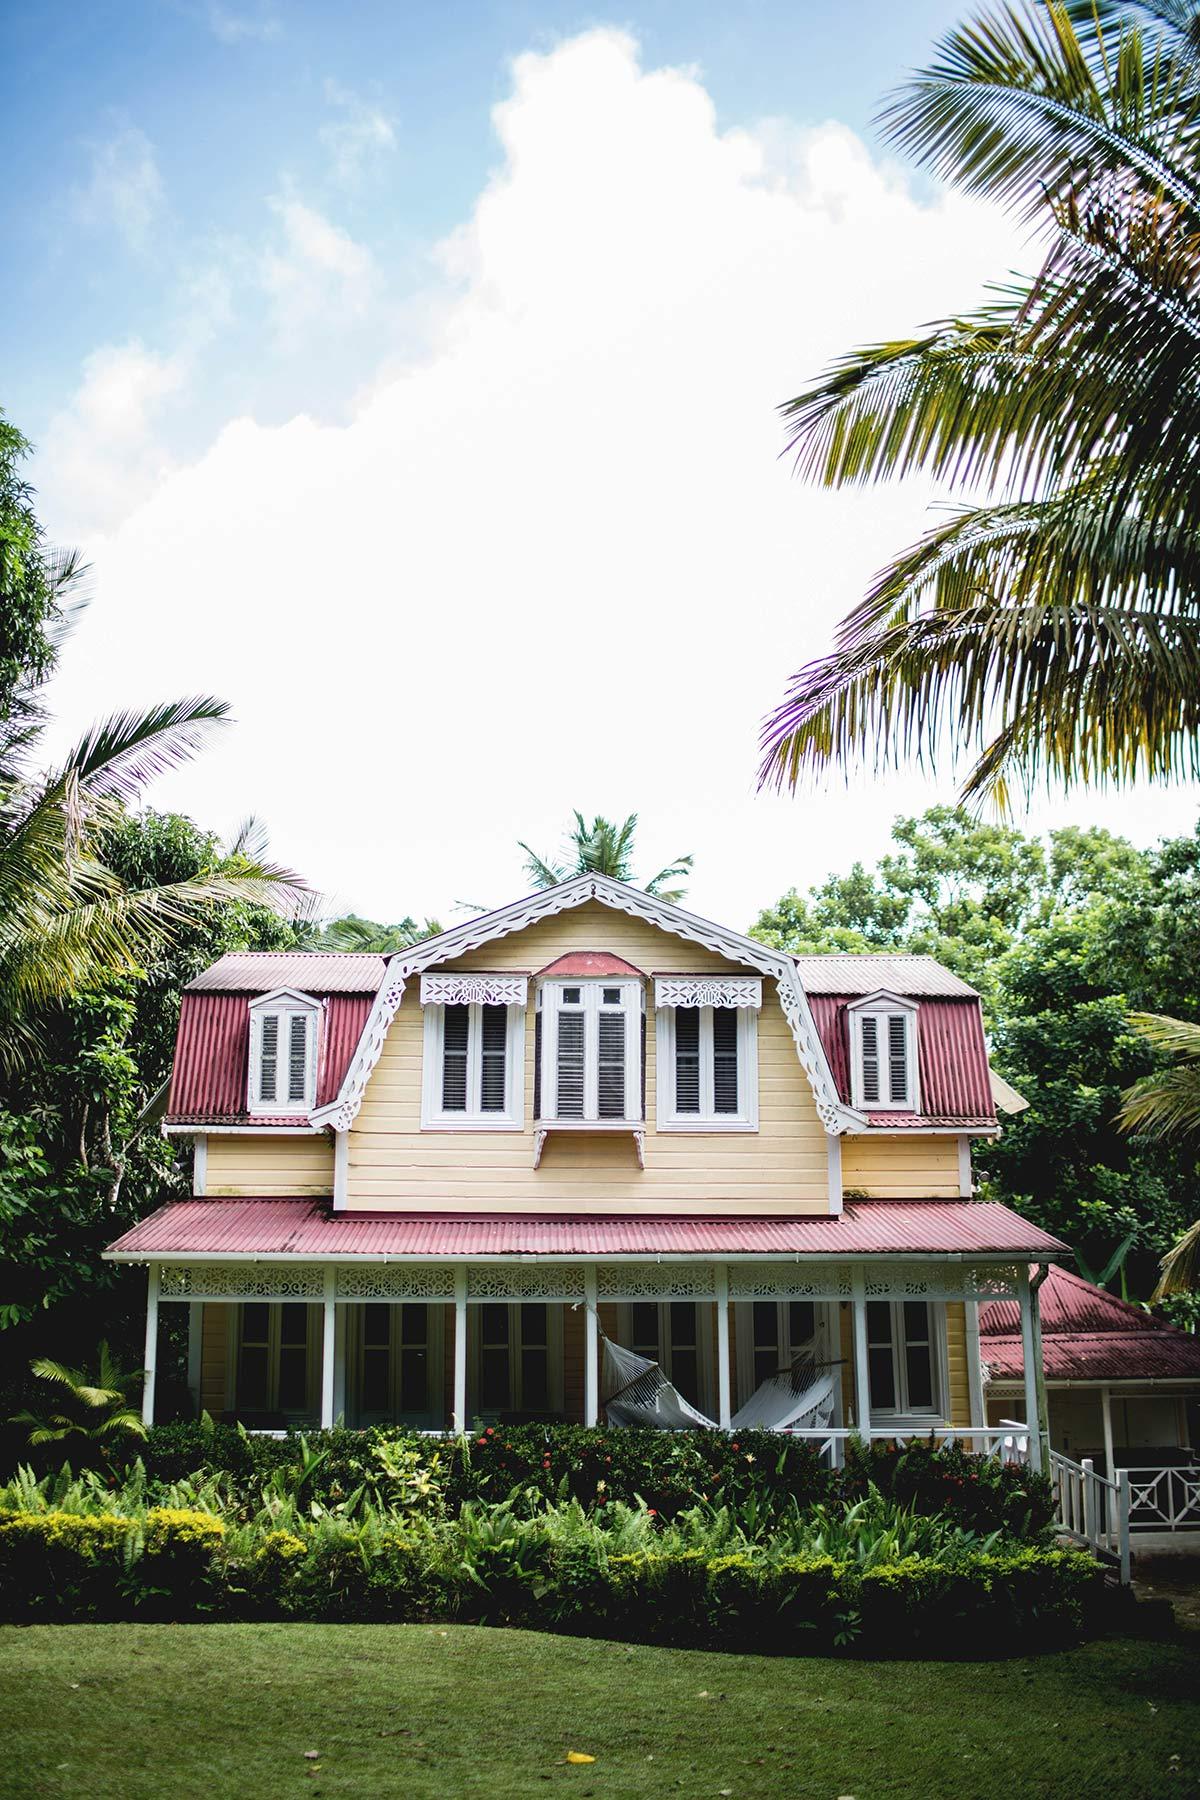 Haus Kakaoplantage St Lucia Sehenswürdigkeiten